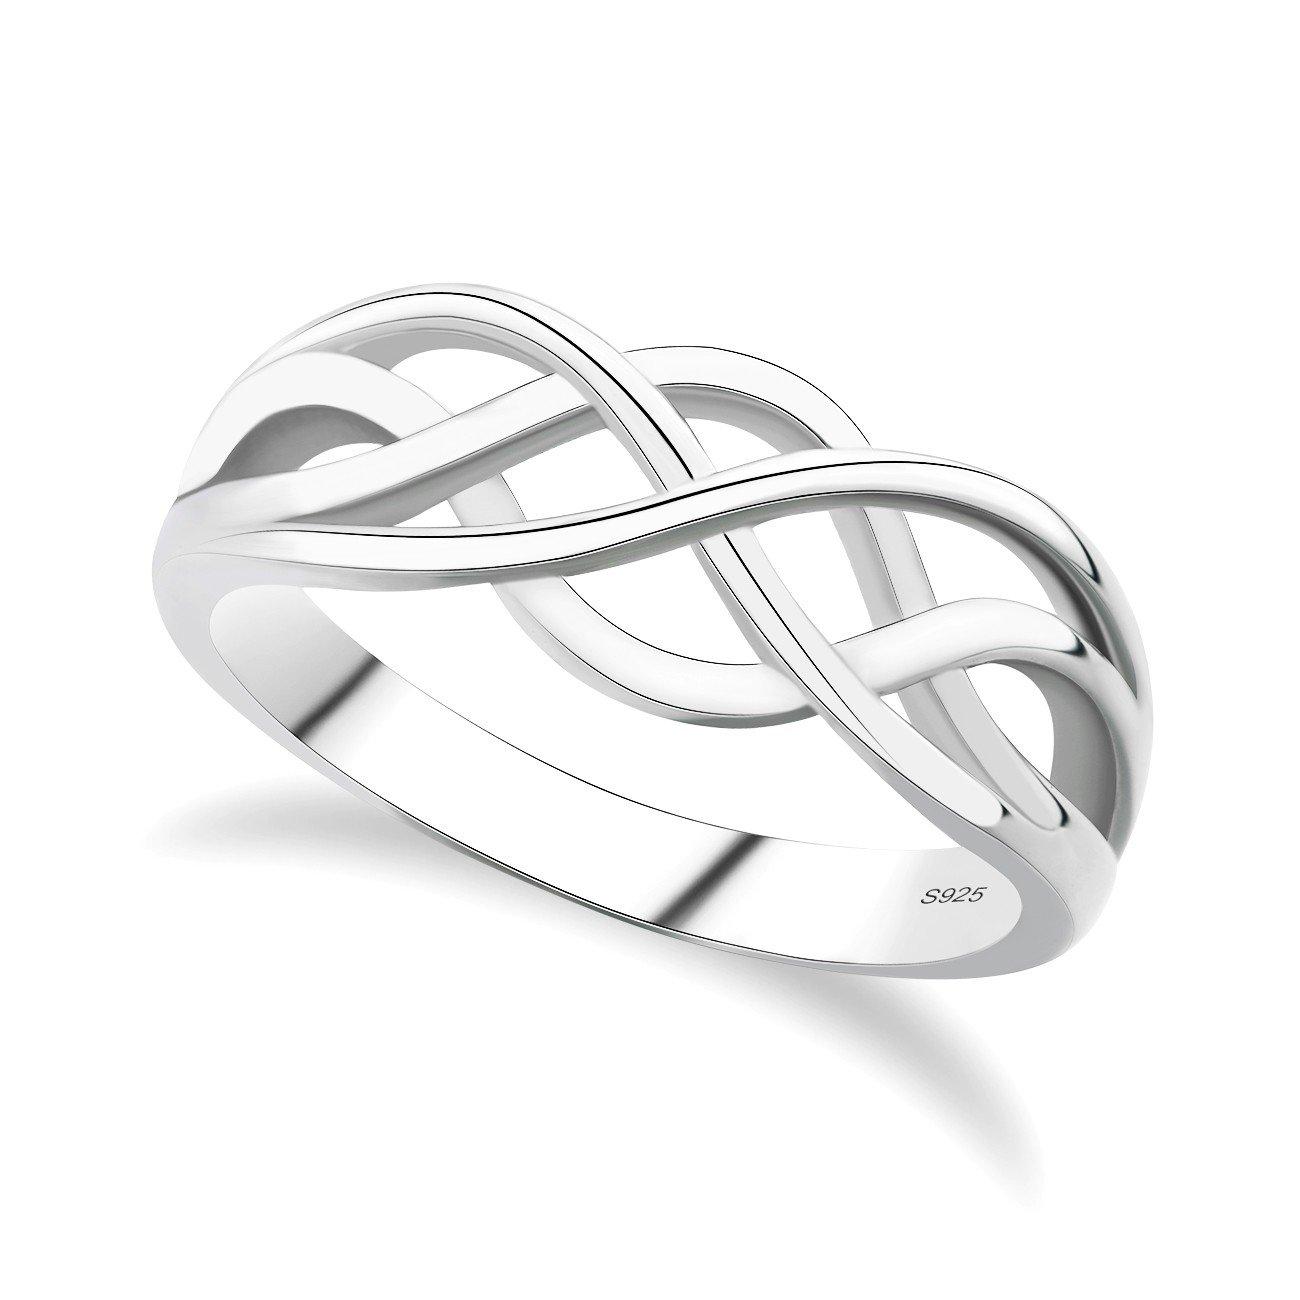 Gulicx nodo celtico amore eterno in argento Sterling 925anello filigrana wedding finger Ring, misura 1/2, K, L 1/2, m, N 1/21/21/2, o, P, Q, R, S, T, U, V 1/2, W Gelei Jewelry Co. Ltd. SR04